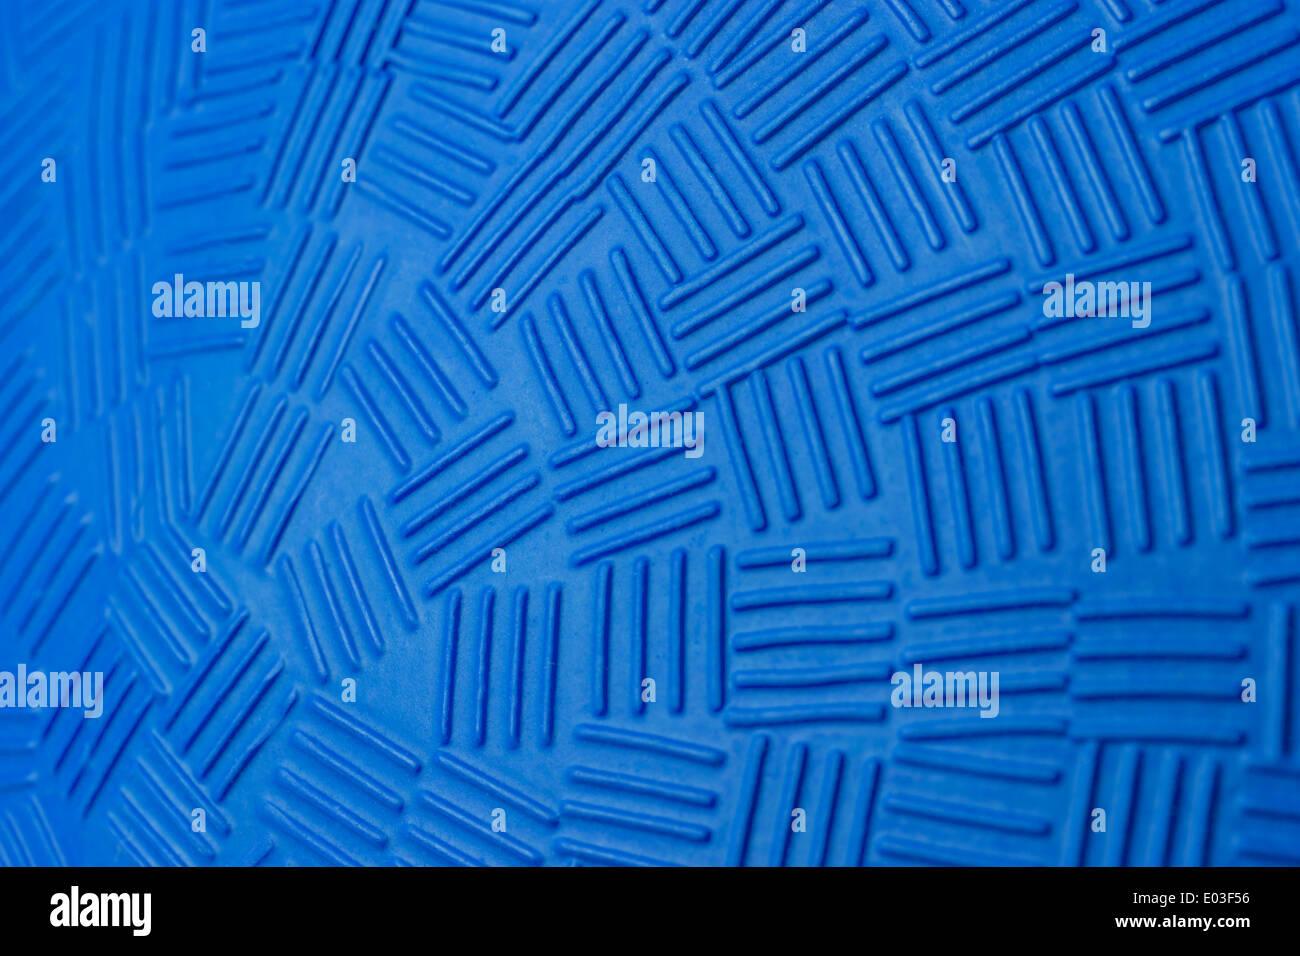 Musterentwurf der blauen Gummiball. Stockbild